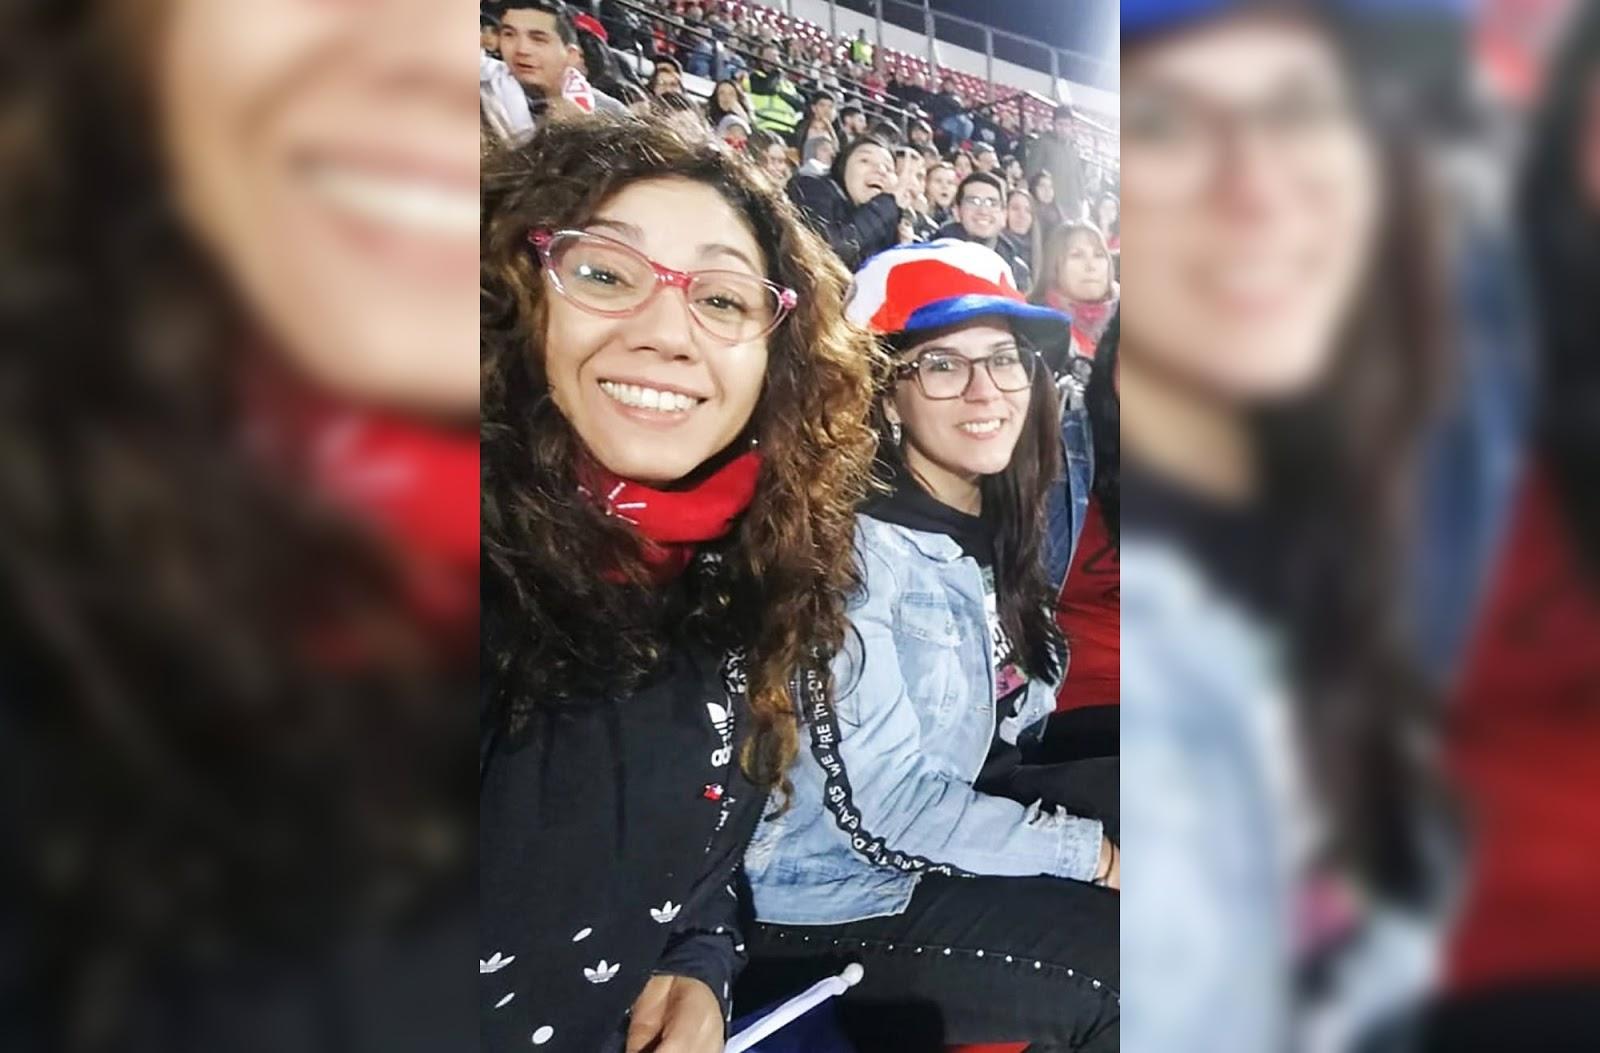 Amigas recuerdan a Albertina, la joven que apareció muerta en su departamento